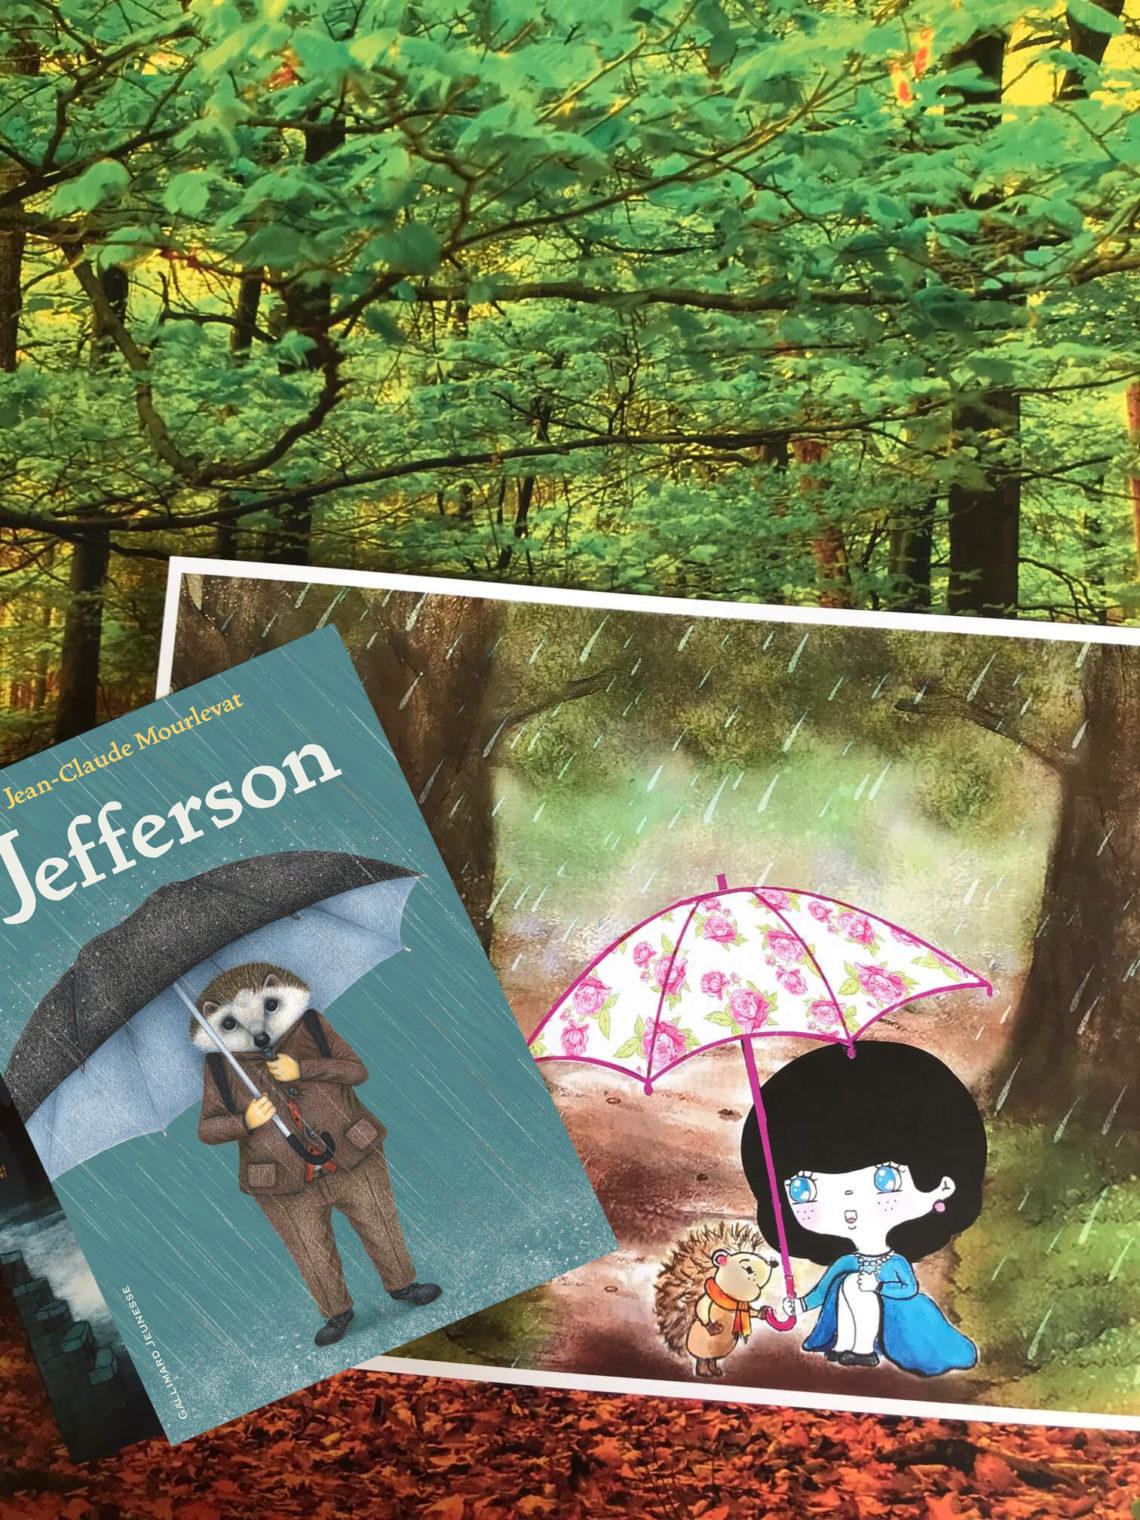 Jefferson de J-C Mourlevat